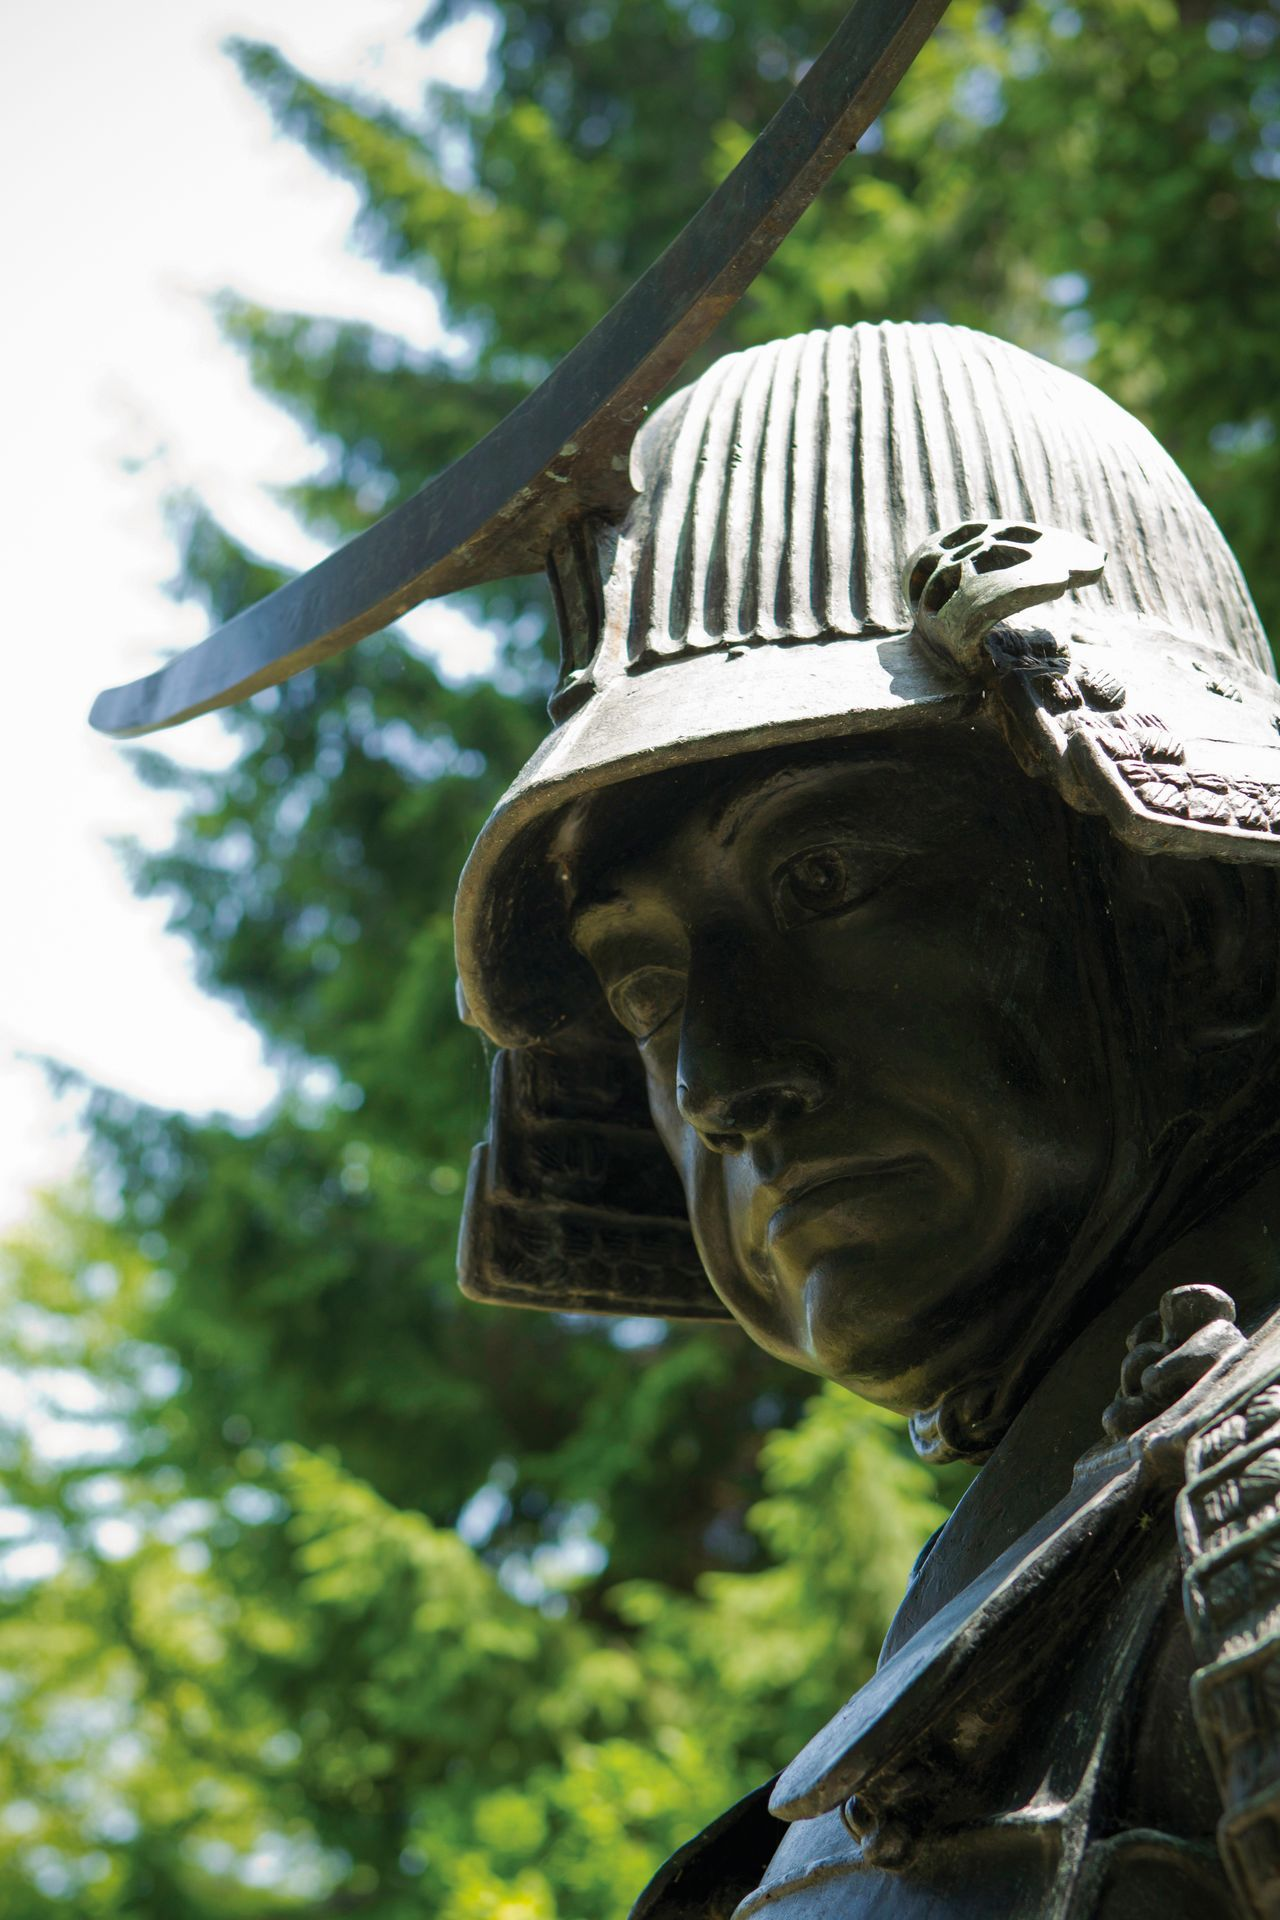 Многие статуи и портреты изображают Масамунэ с двумя глазами. Говорят, что на посмертных изображениях он хотел выглядеть именно так (фотография предоставлена Международной туристической ассоциацией г. Сэндай)